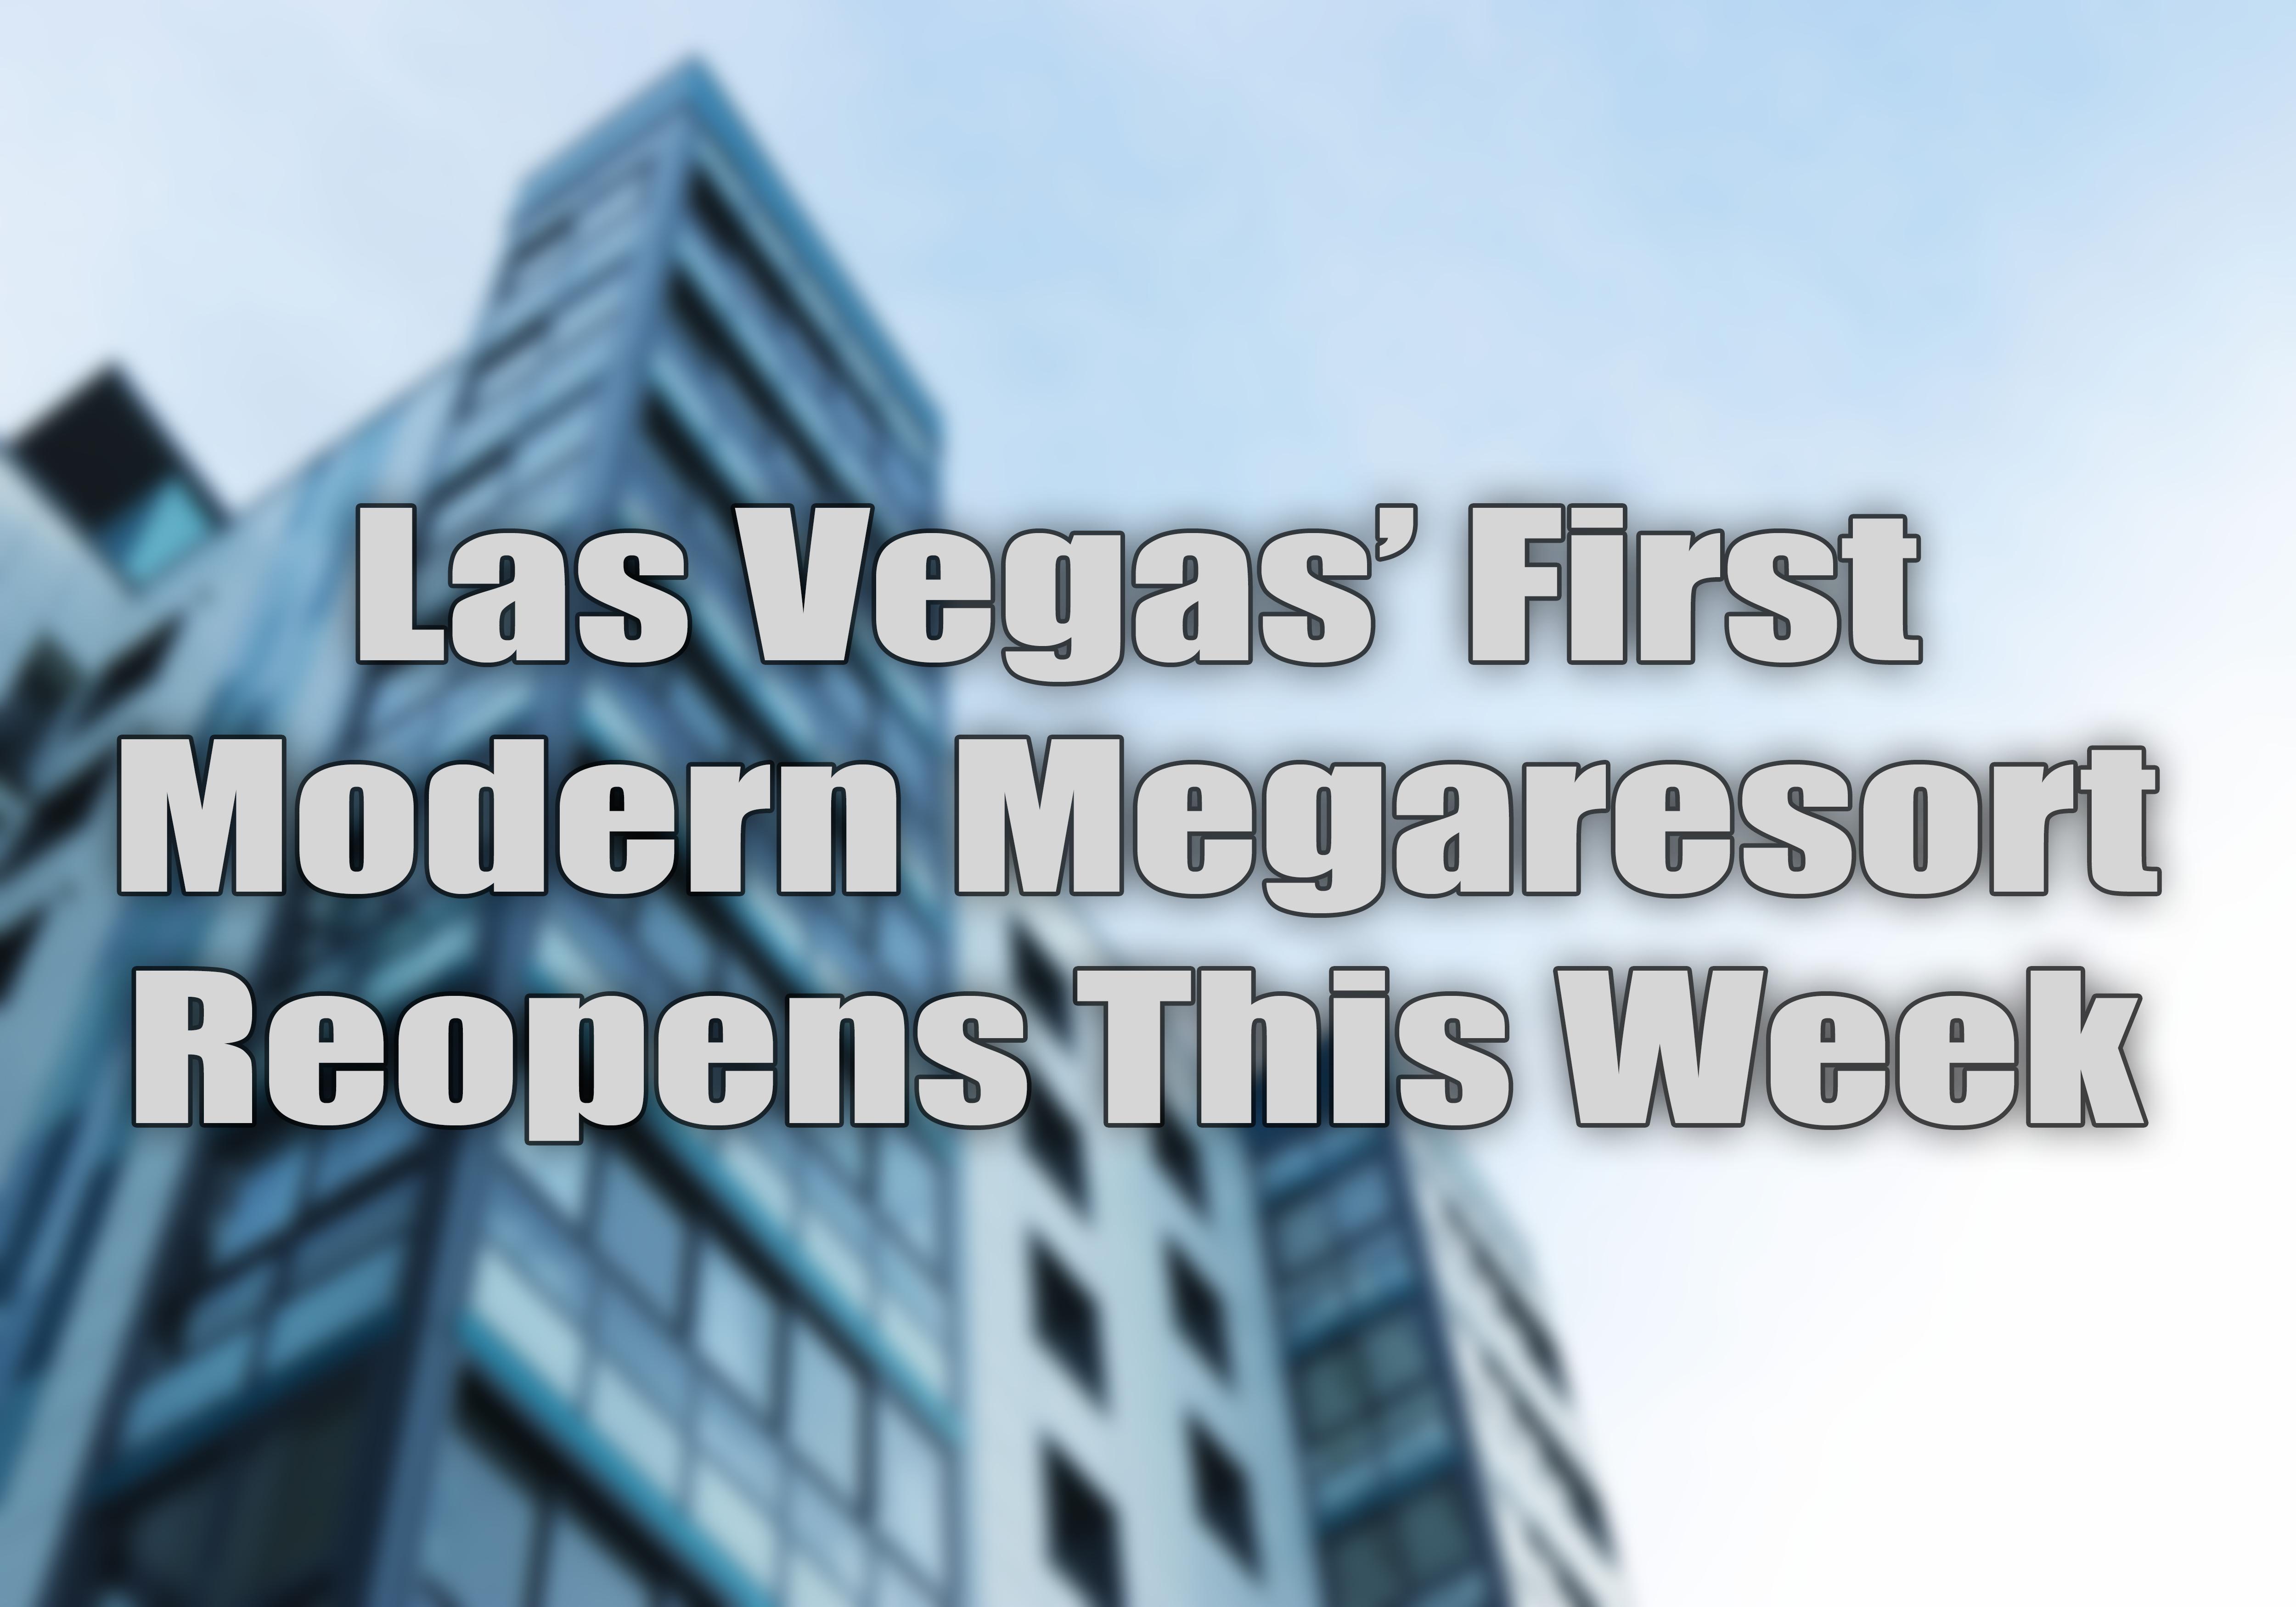 MIrage Las Vegas.jpg